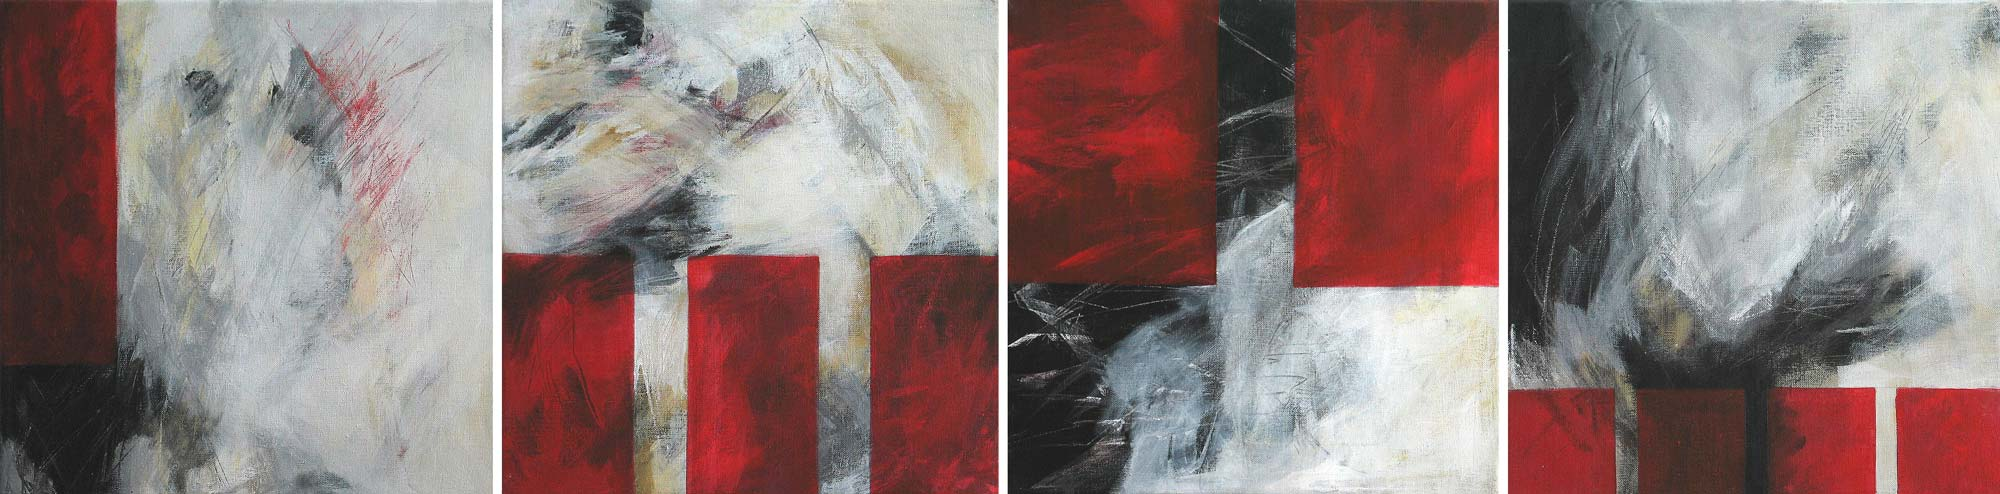 #200342 | Variationen zu einem Thema #2 | 4teilig | Acryl auf Leinwand | je 40 x 40 cm